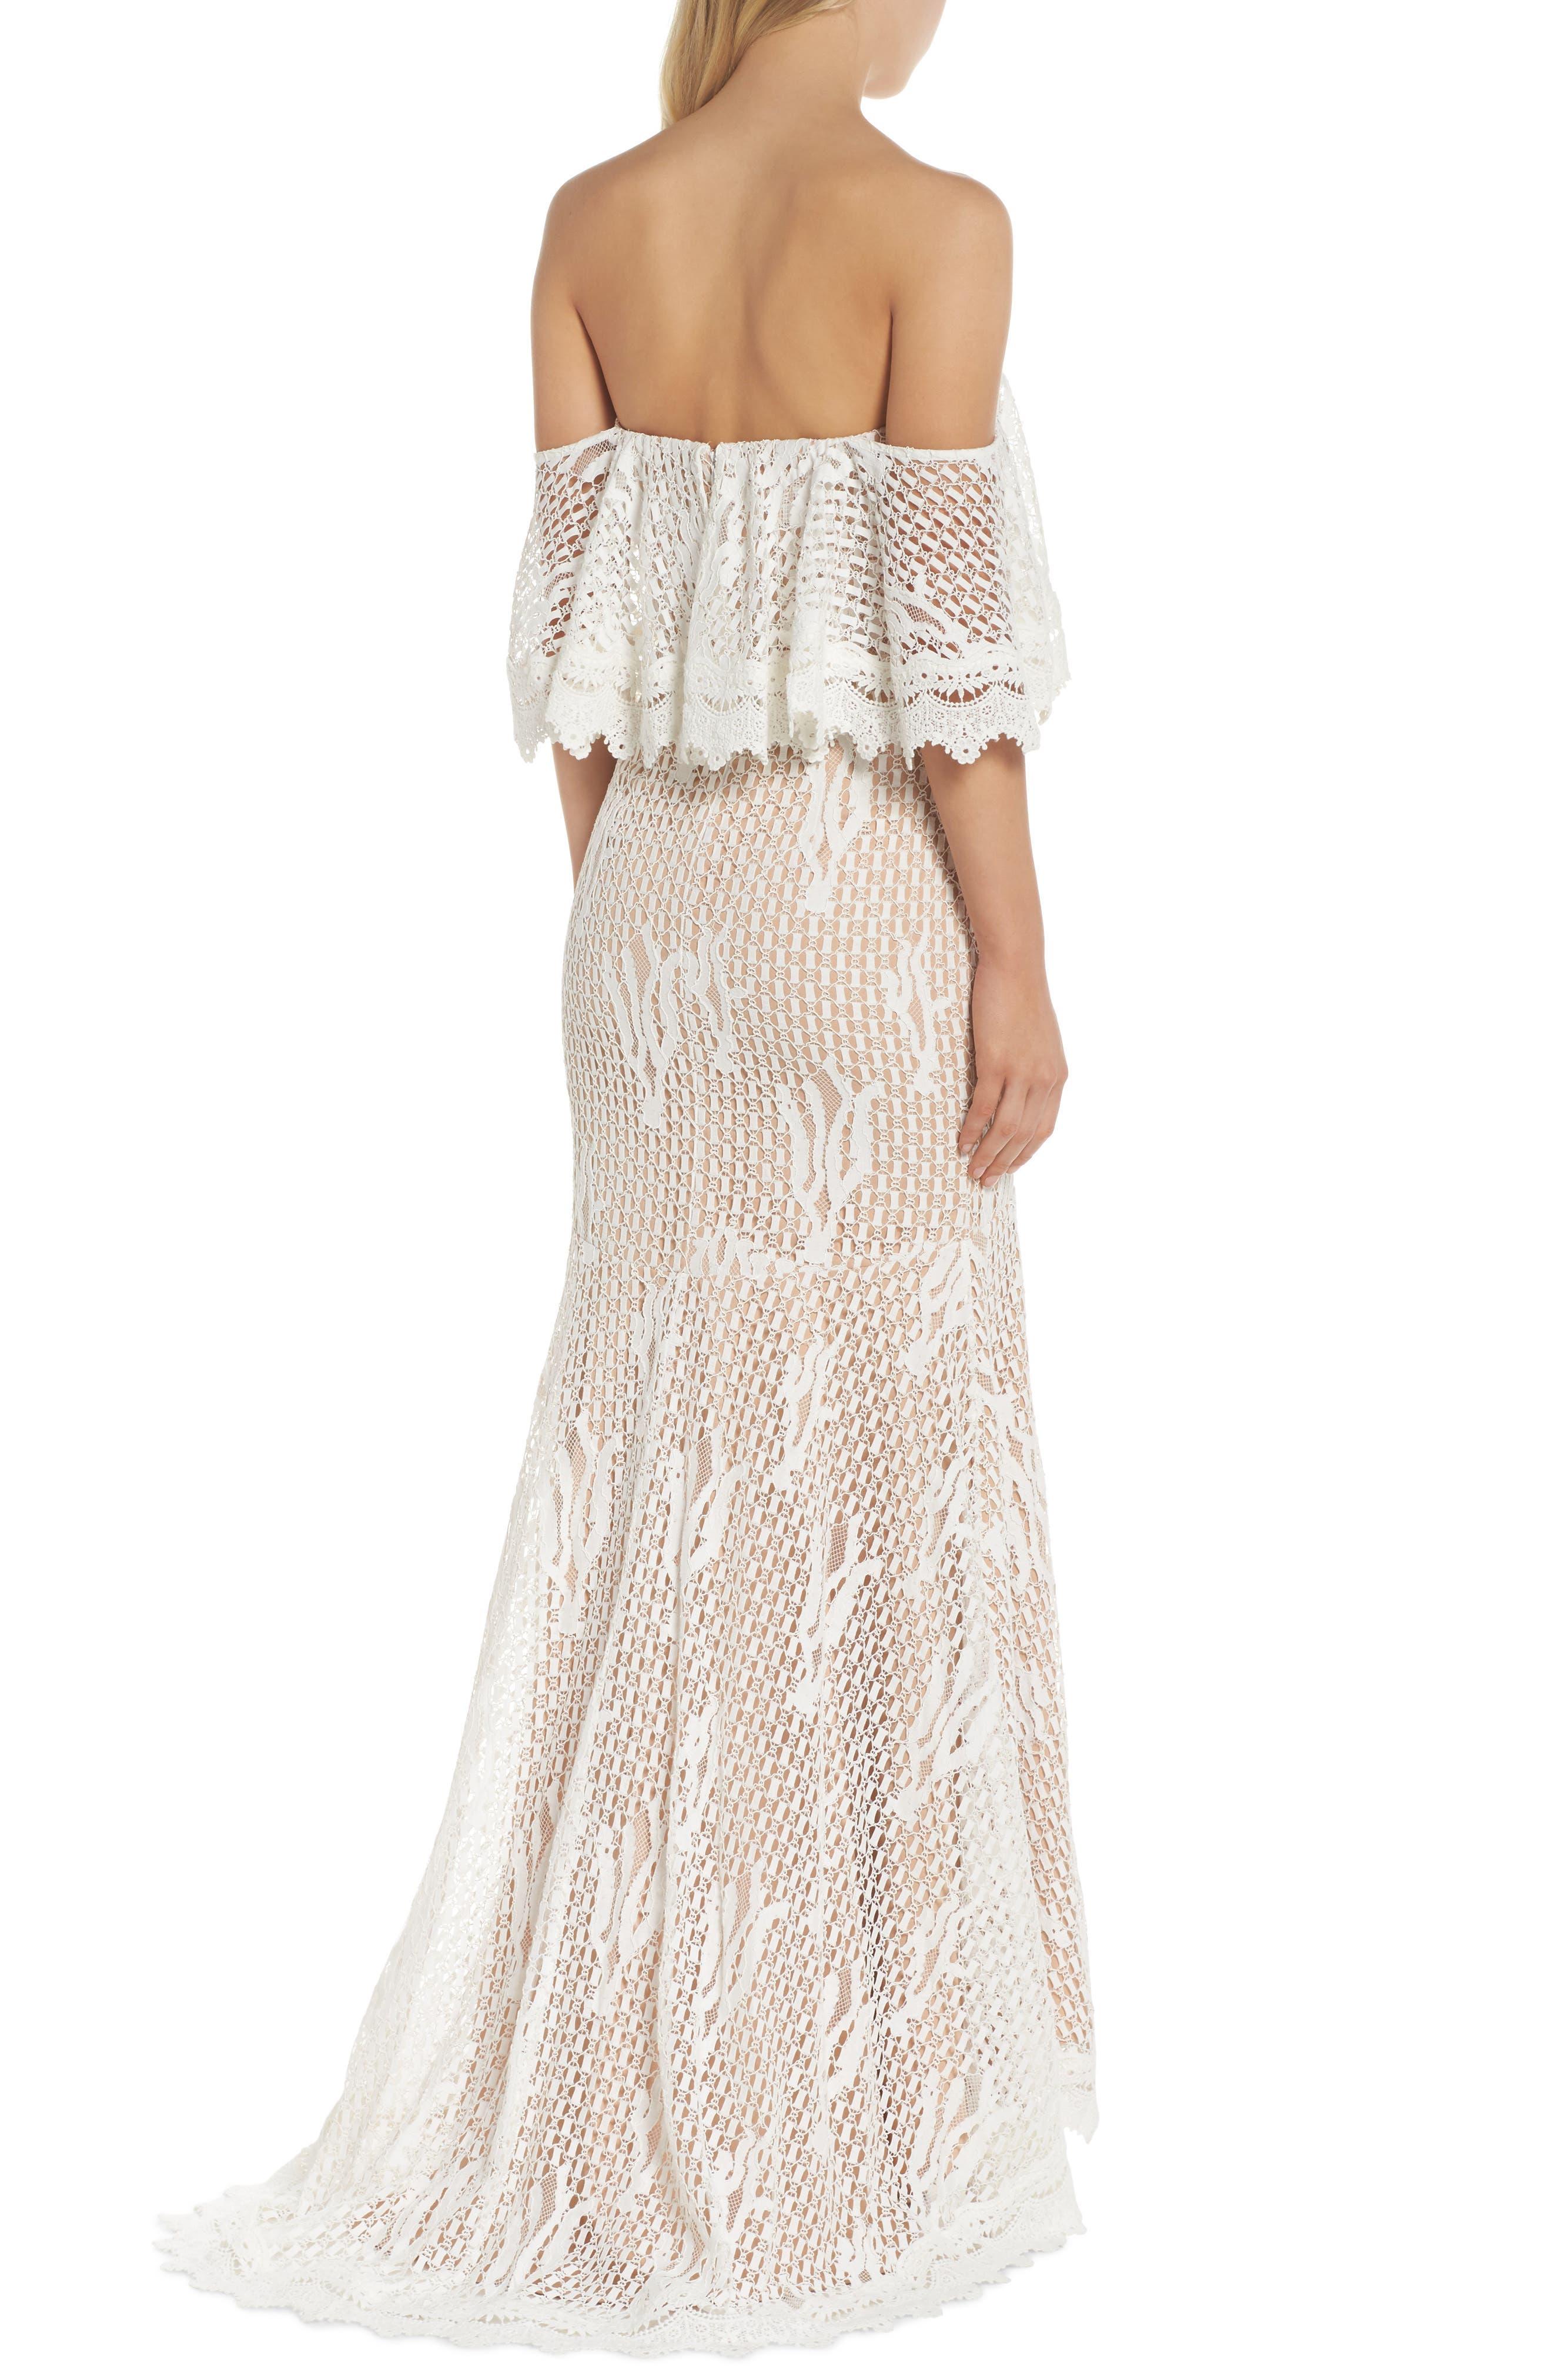 Davilea Off the Shoulder Lace Gown,                             Alternate thumbnail 2, color,                             900